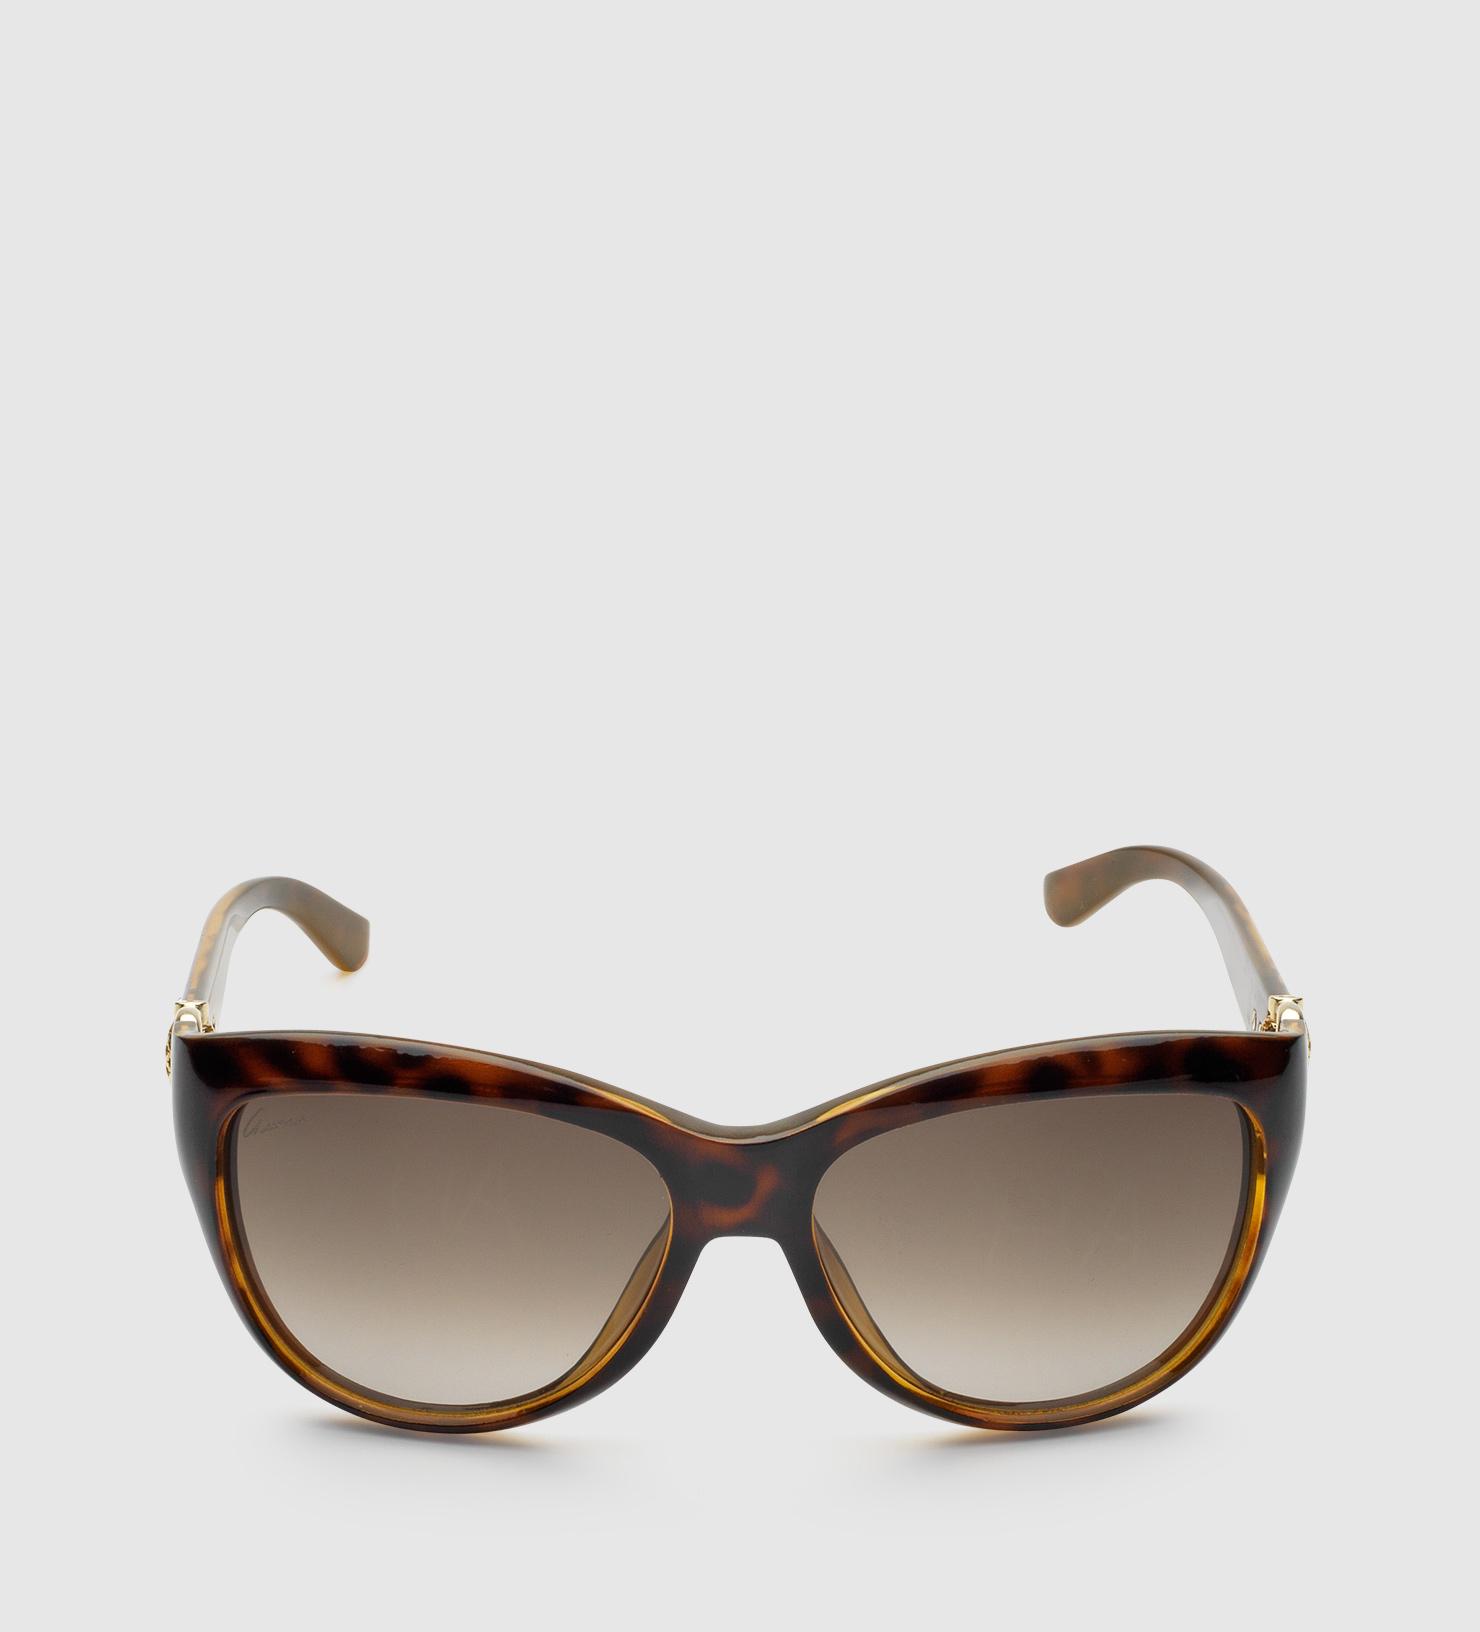 Prada Cat Eye Sunglasses Brown